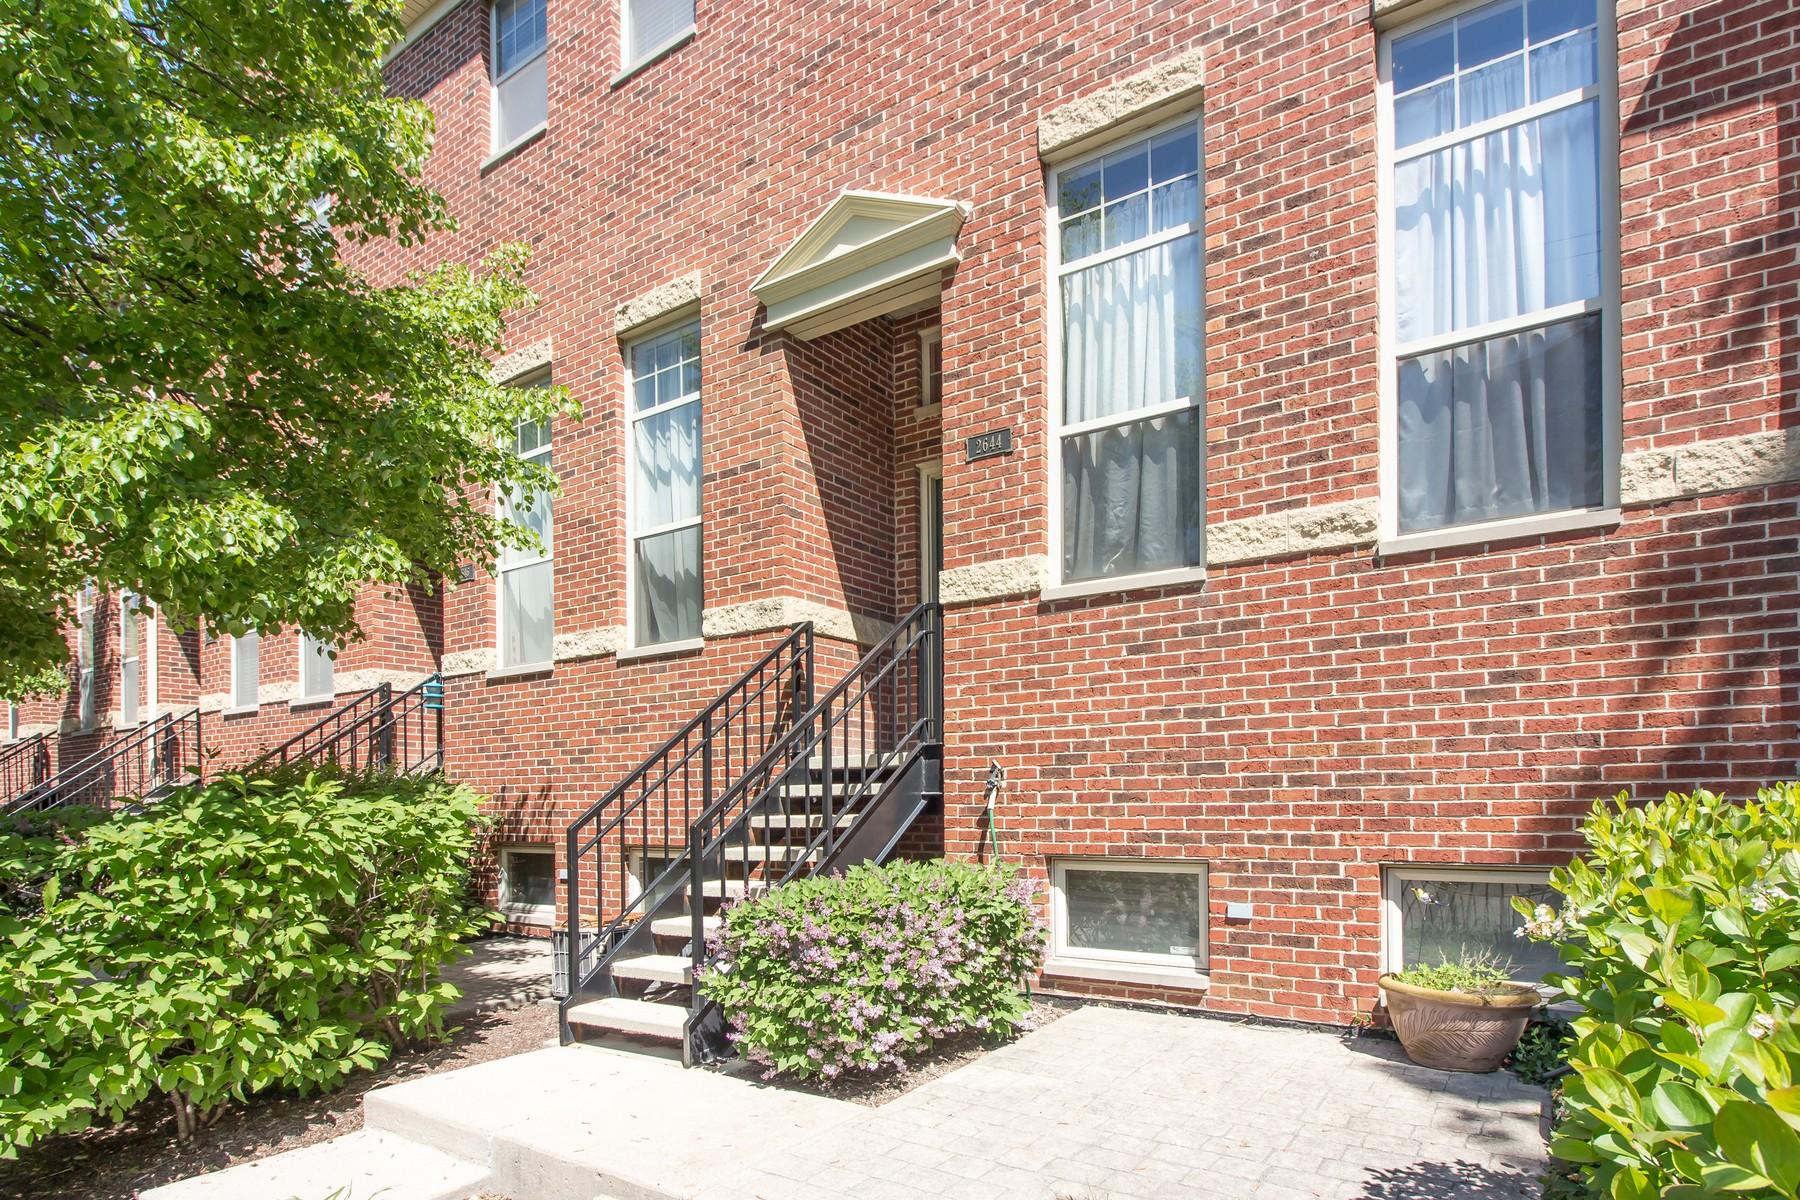 타운하우스 용 매매 에 Sunny Avondale Townhome 2644 W Belmont Avenue Chicago, 일리노이즈, 60618 미국